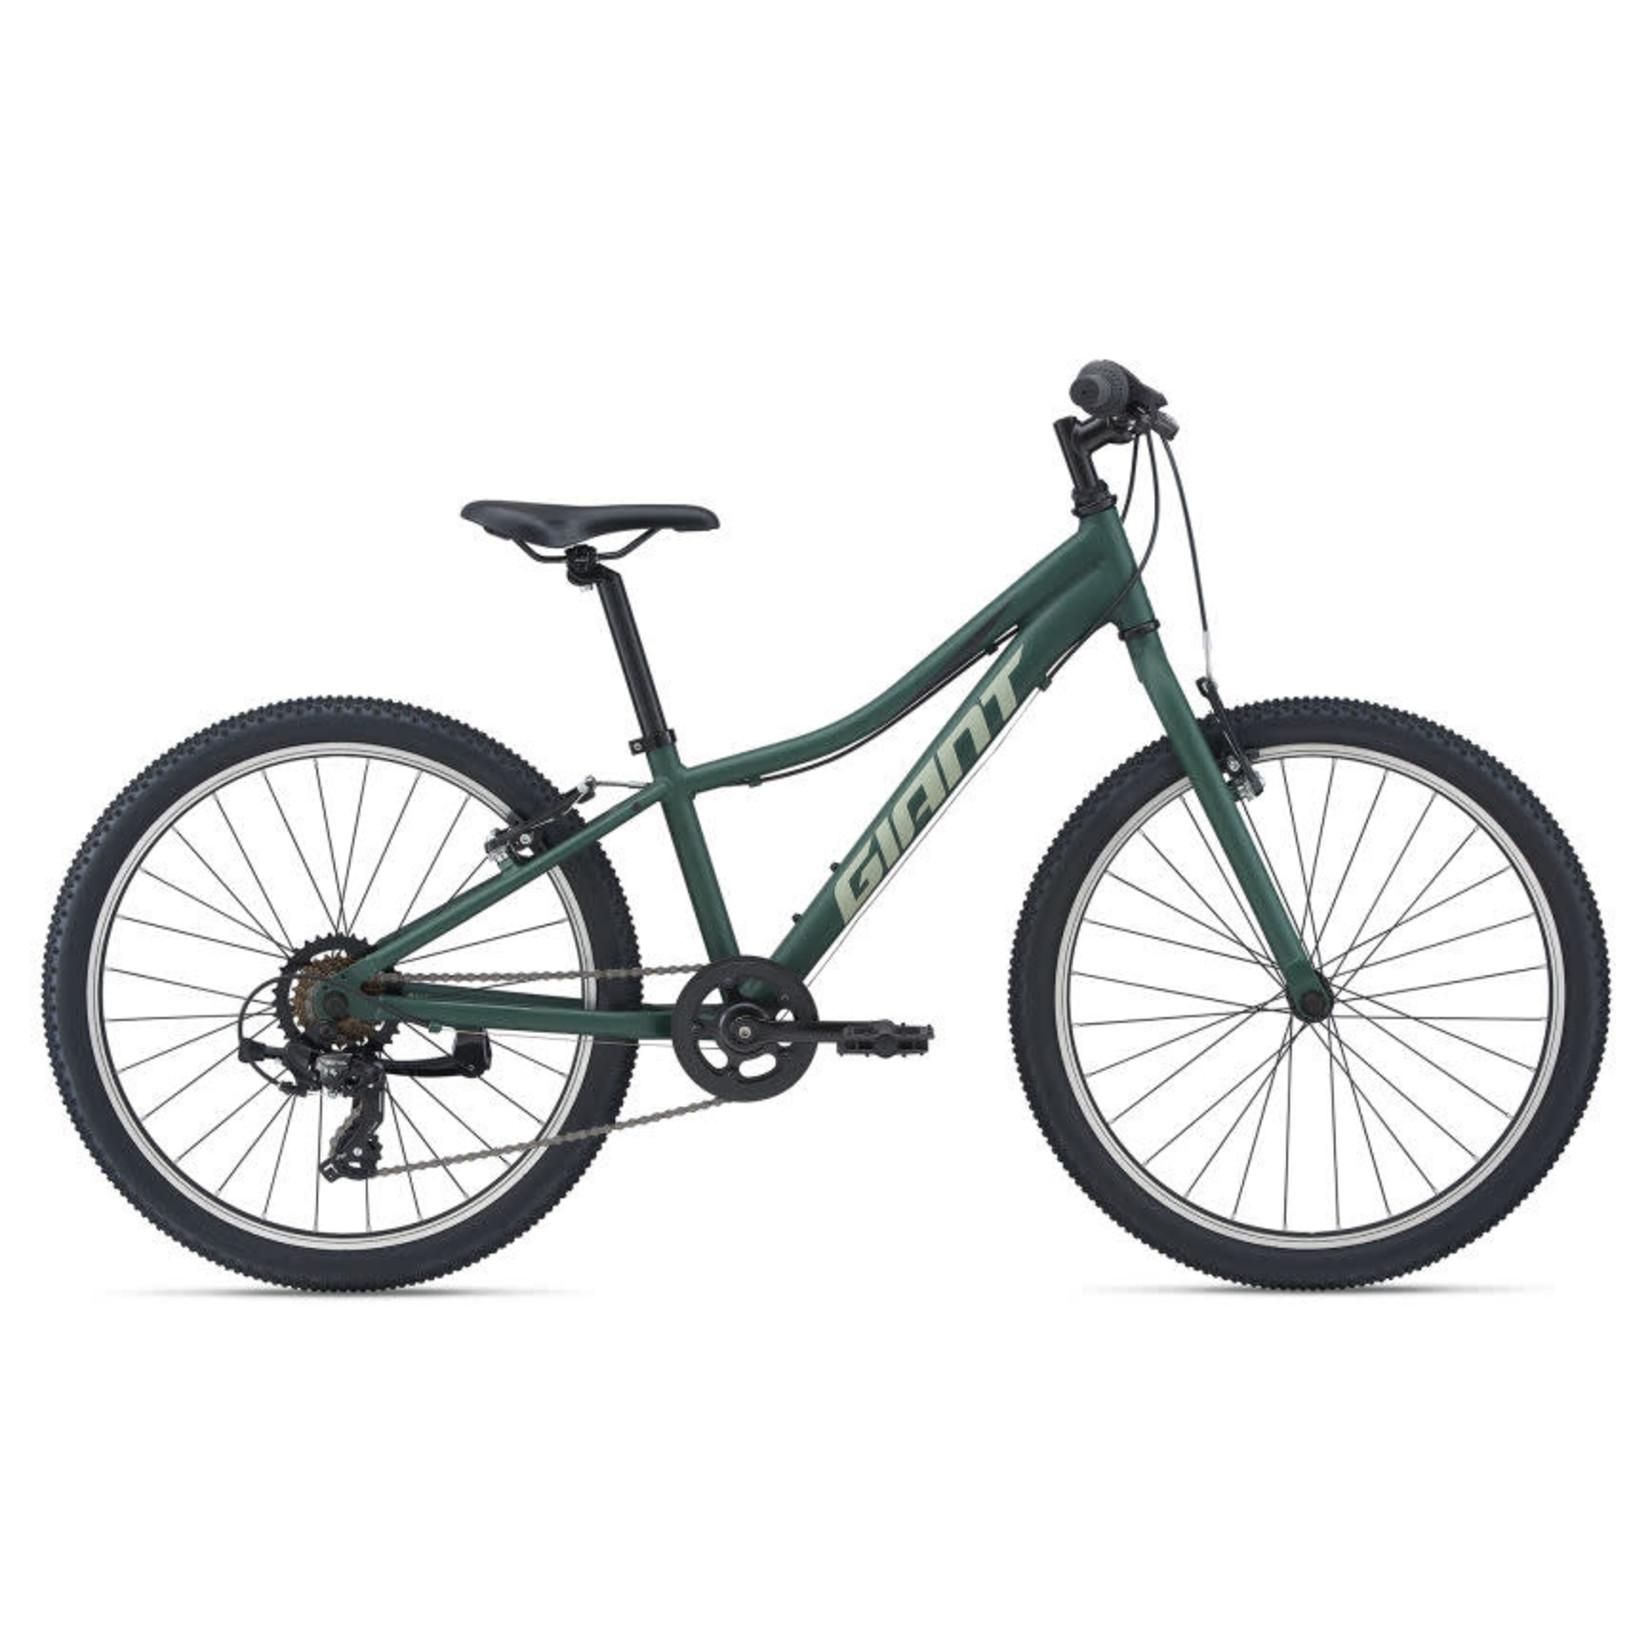 Giant XtC Jr 24 Lite Trekking Green